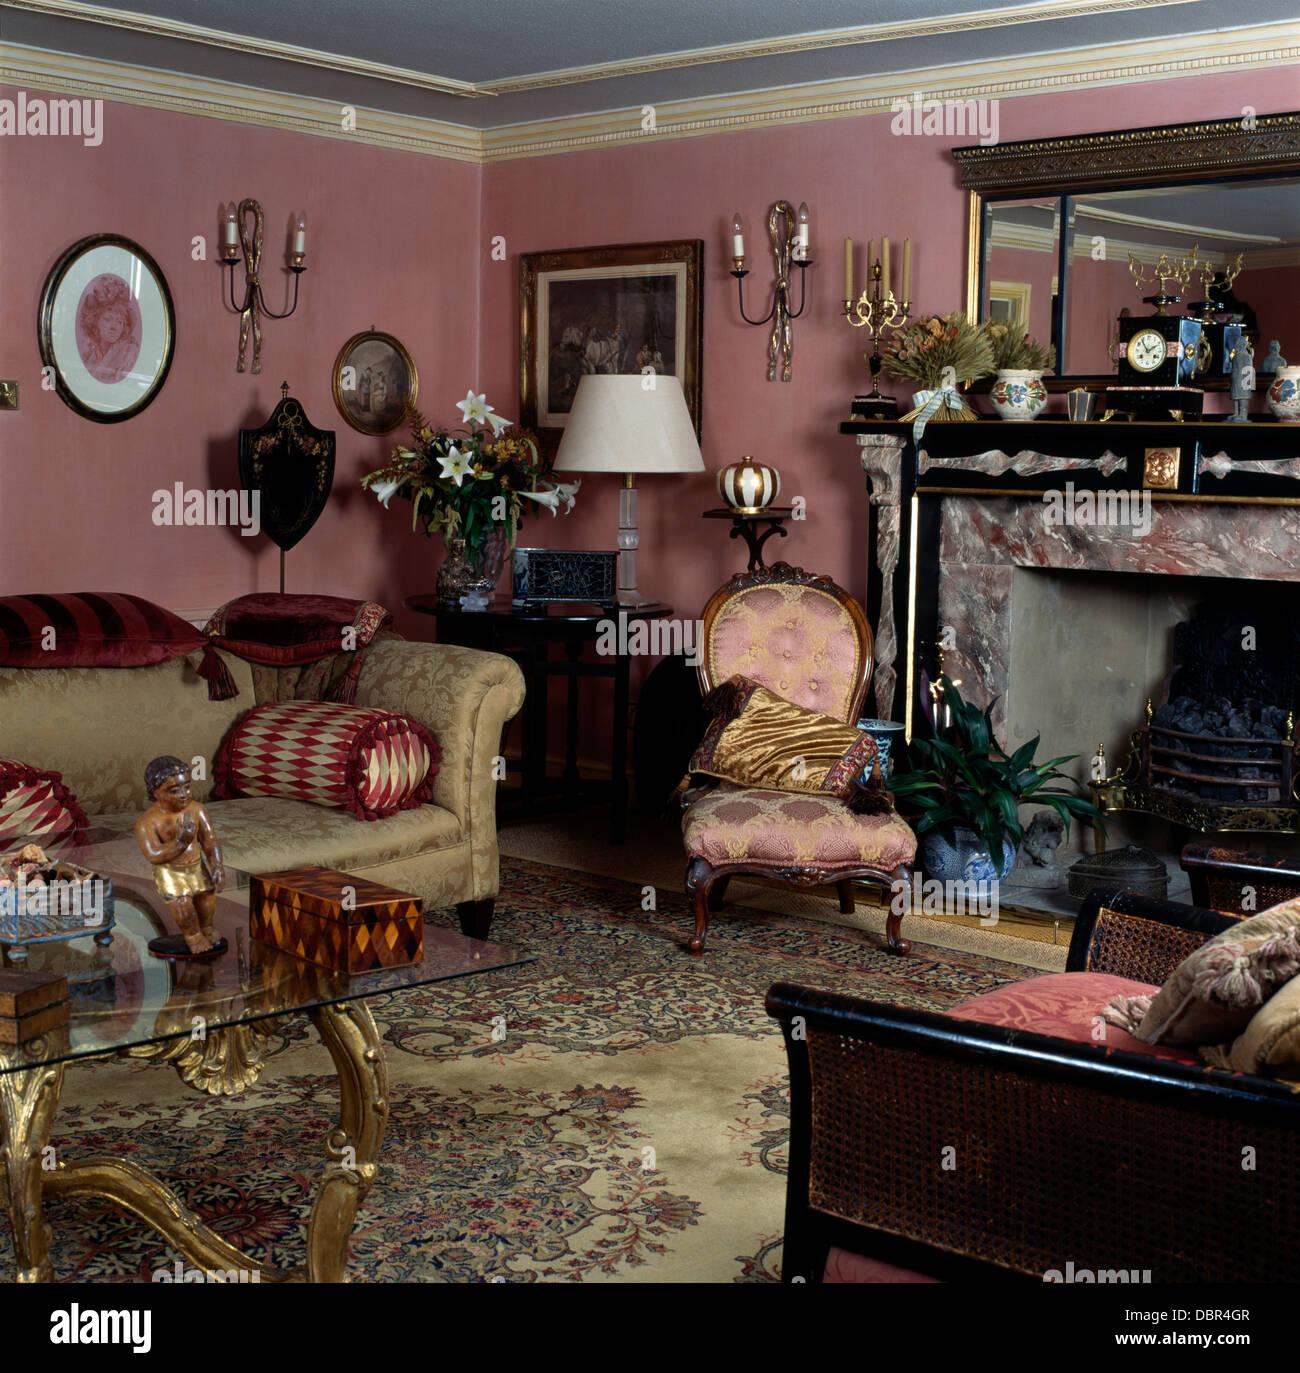 Seta Damascata Sedia In Stile Vittoriano E Divani Beige In Rosa Scuro Vecchio Salotto Con Caminetto In Marmo Foto Stock Alamy